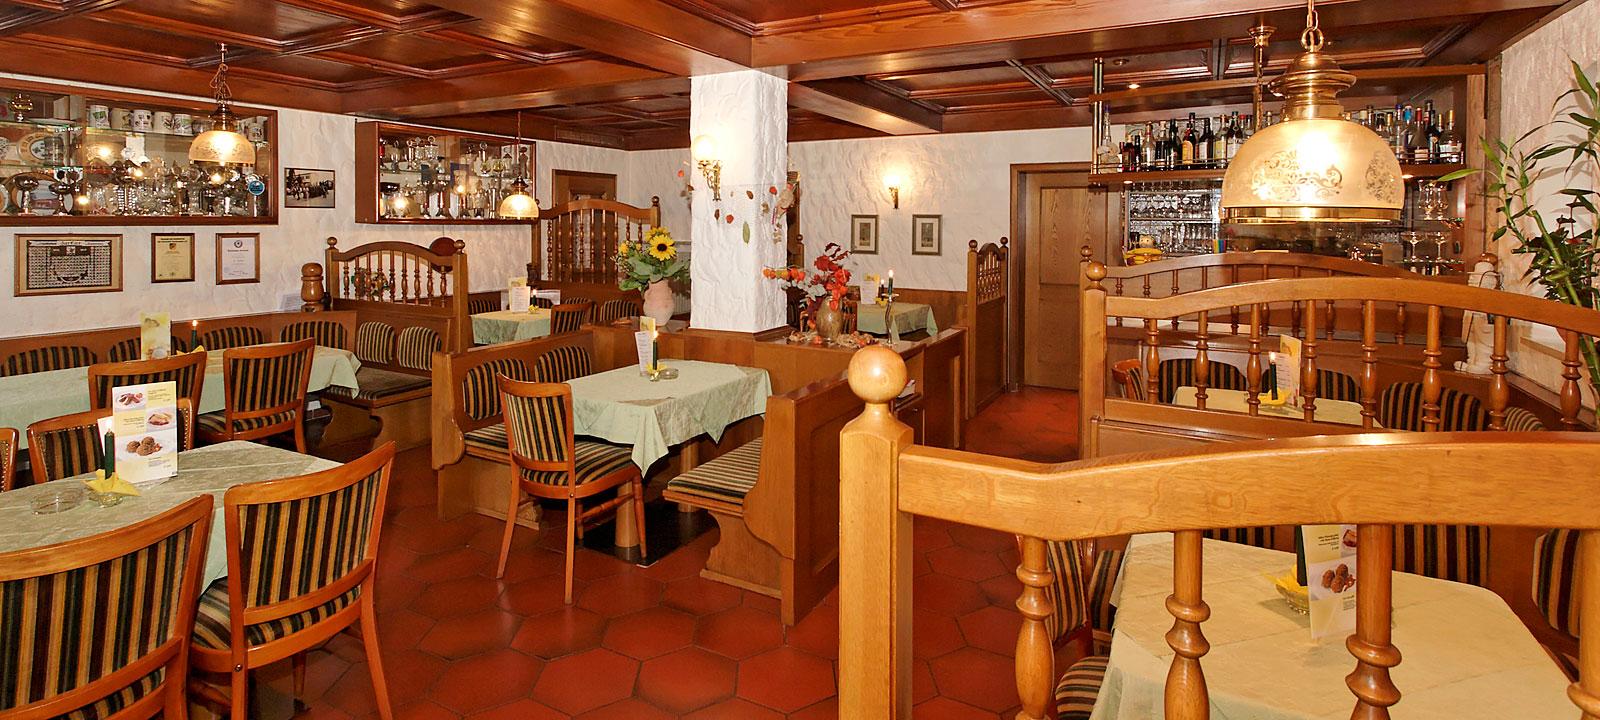 großzügige Gaststube - Pension im Dreiburgenland